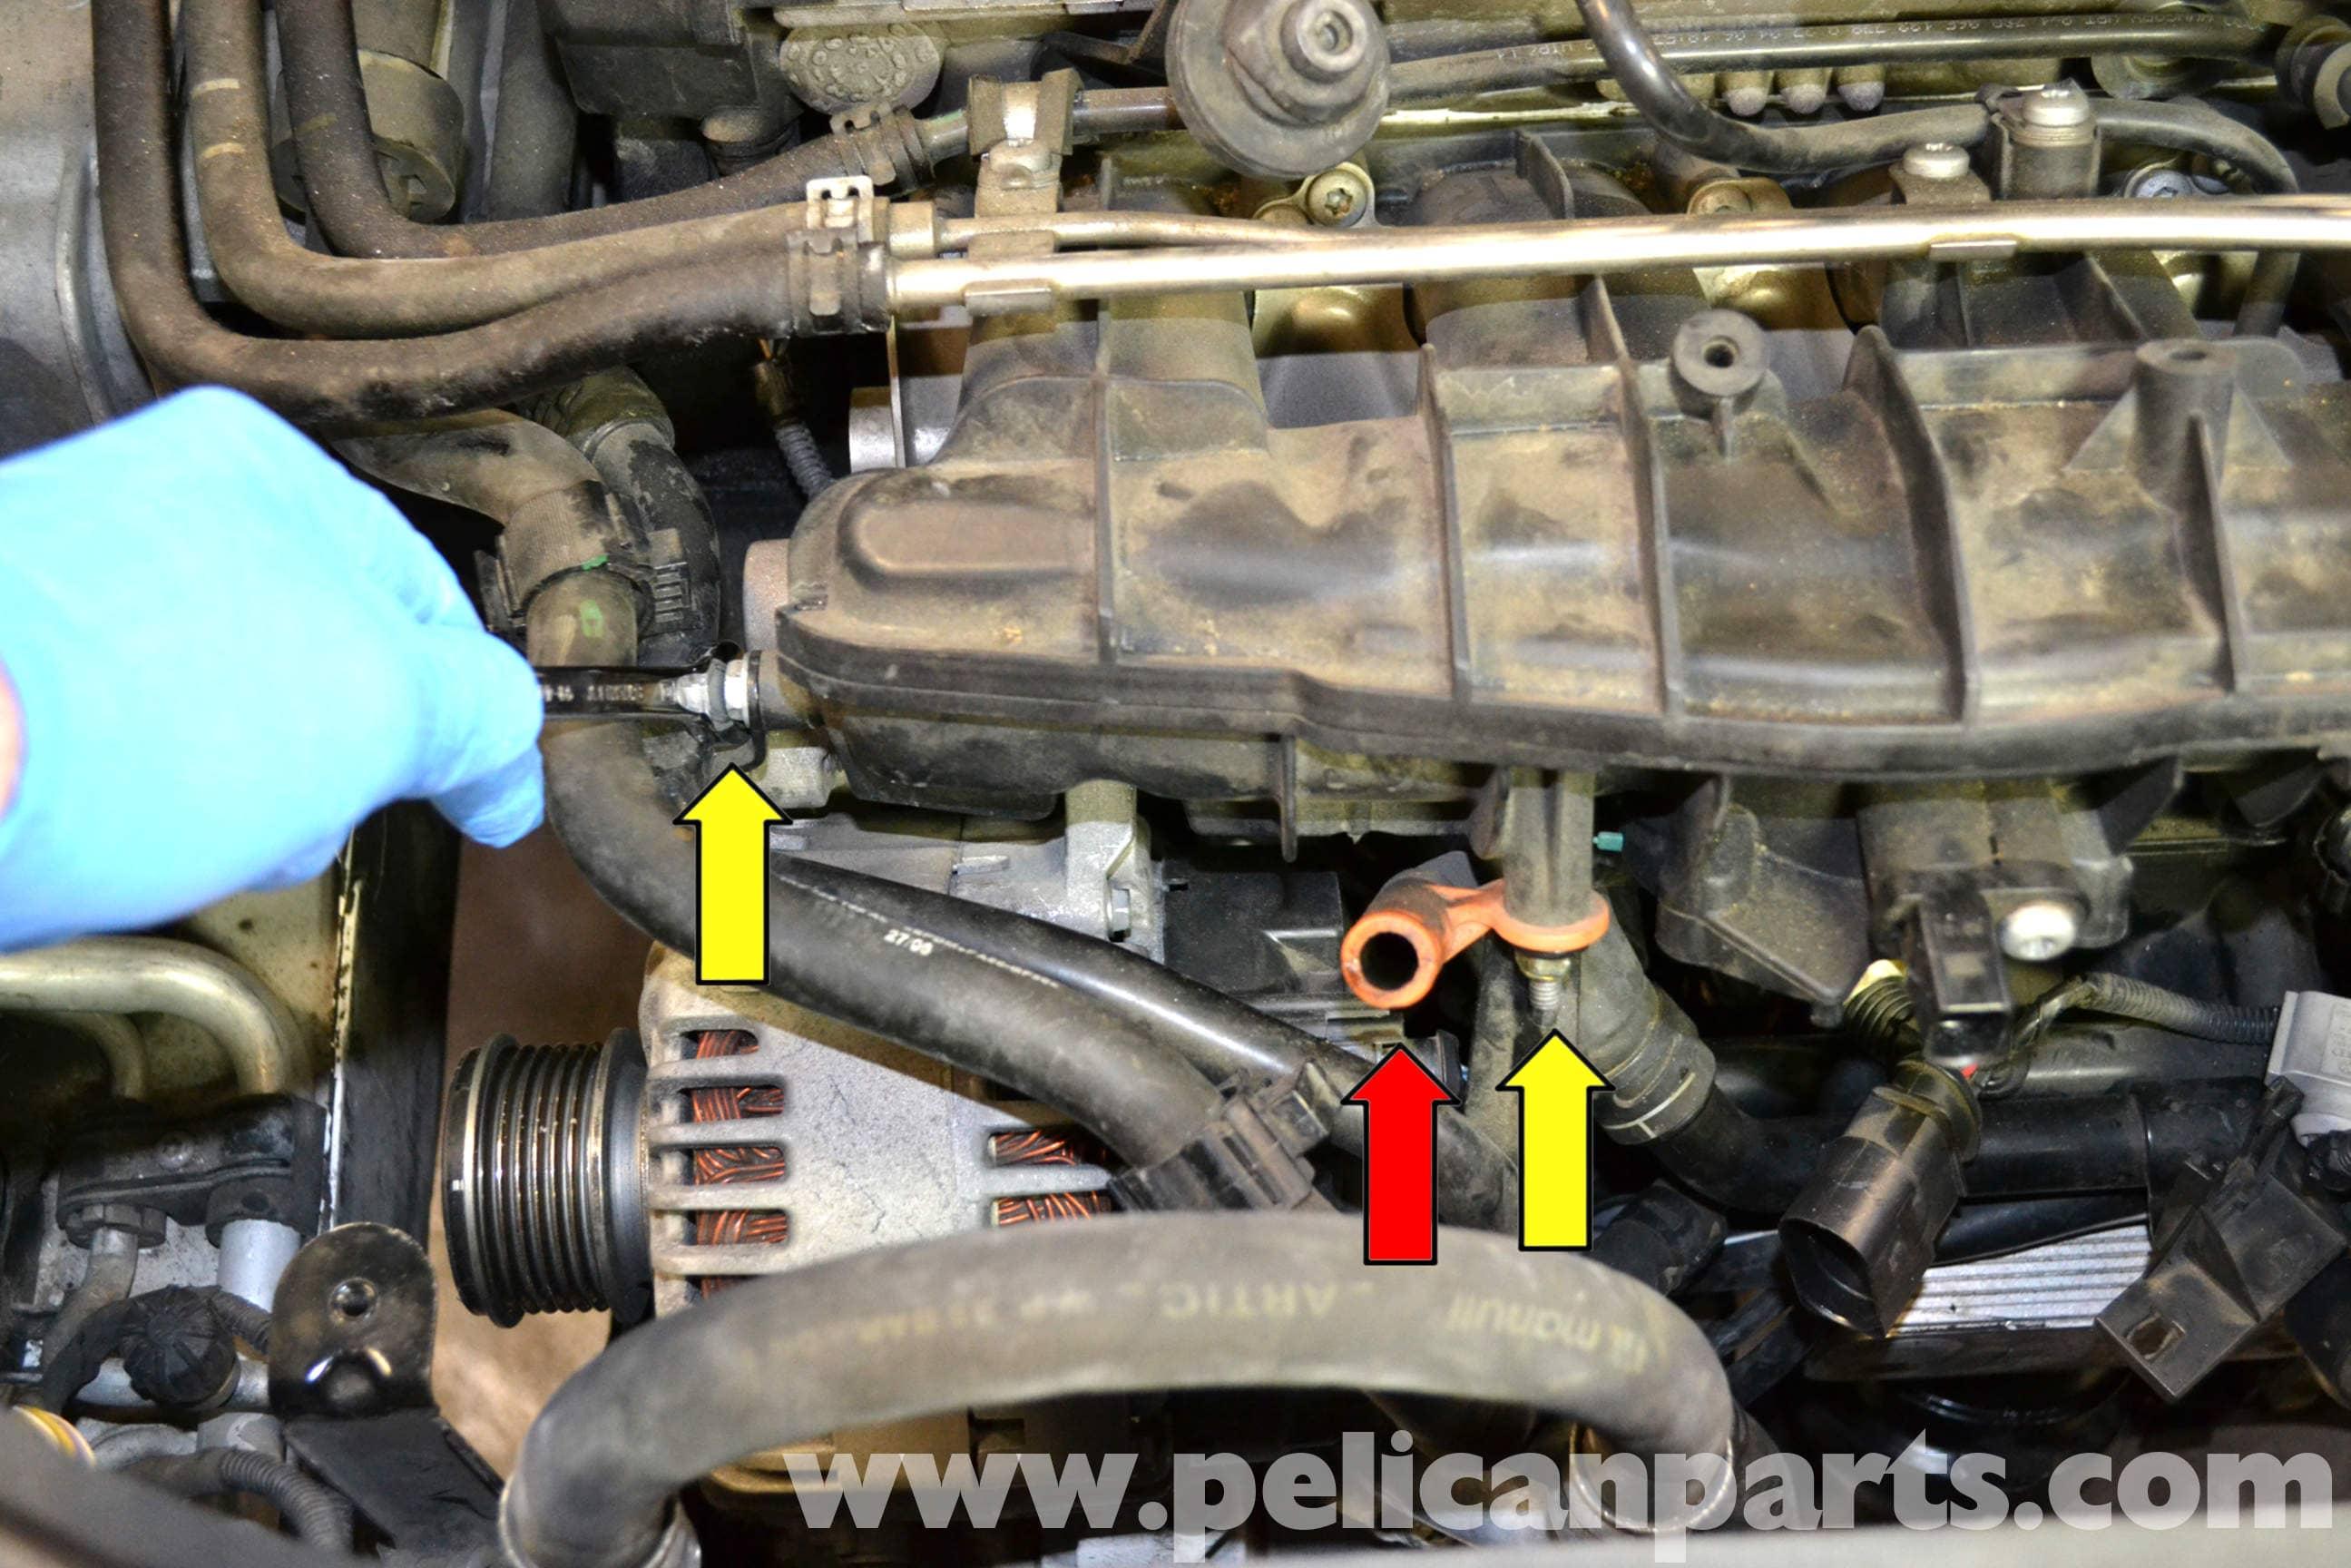 Volkswagen Golf Gti Mk V Intake Manifold Removal  2006-2009